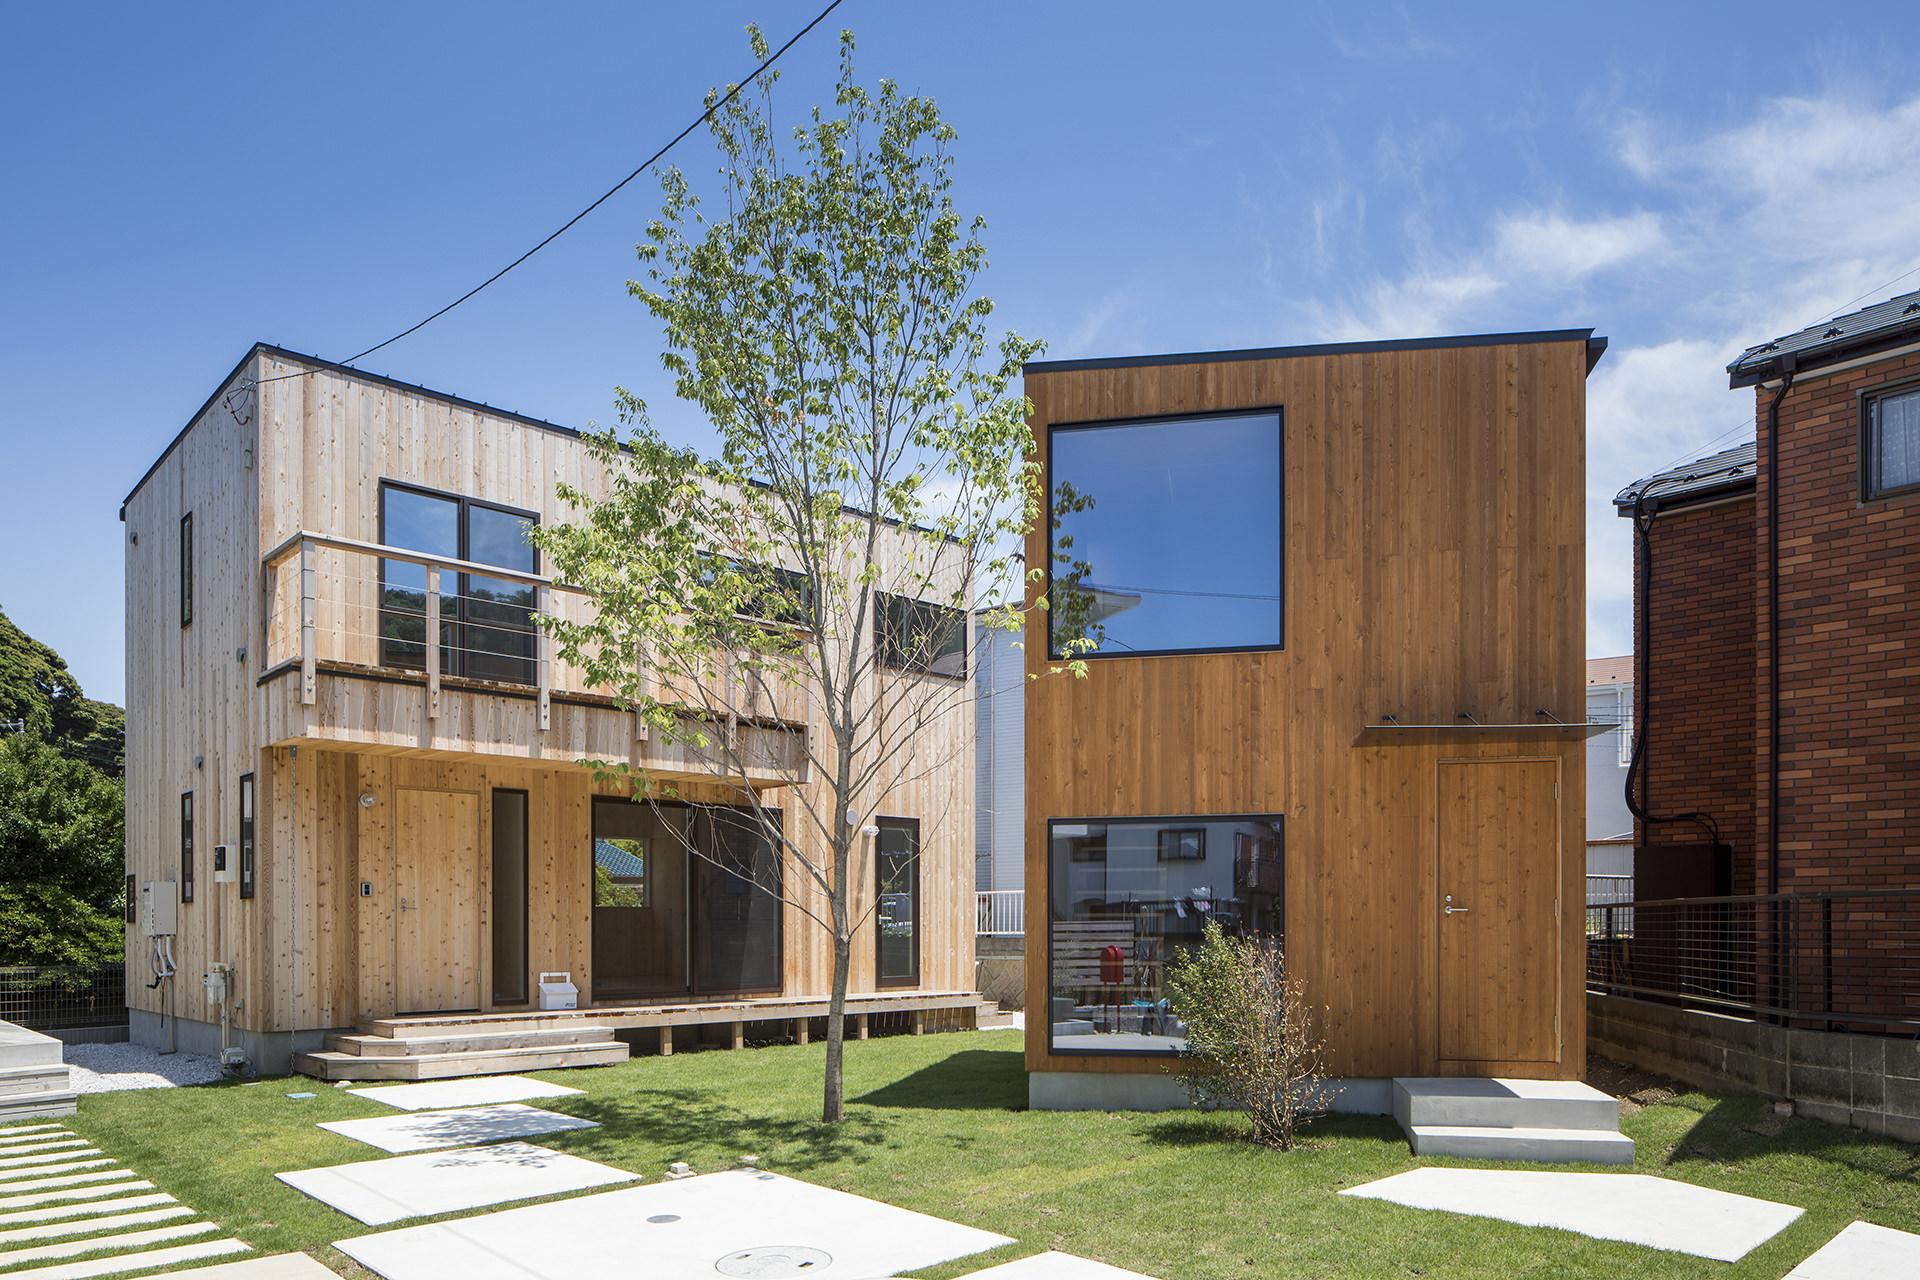 「小屋と畑。余白のある家 」イメージ15 撮影:東涌宏和